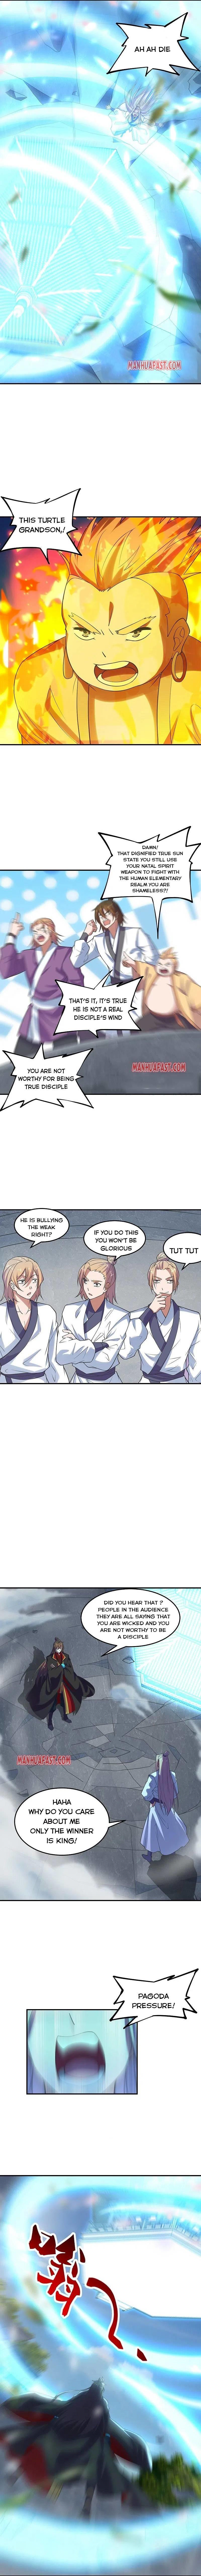 Banished Disciple's Counterattack Chapter 205 page 3 - Mangakakalots.com